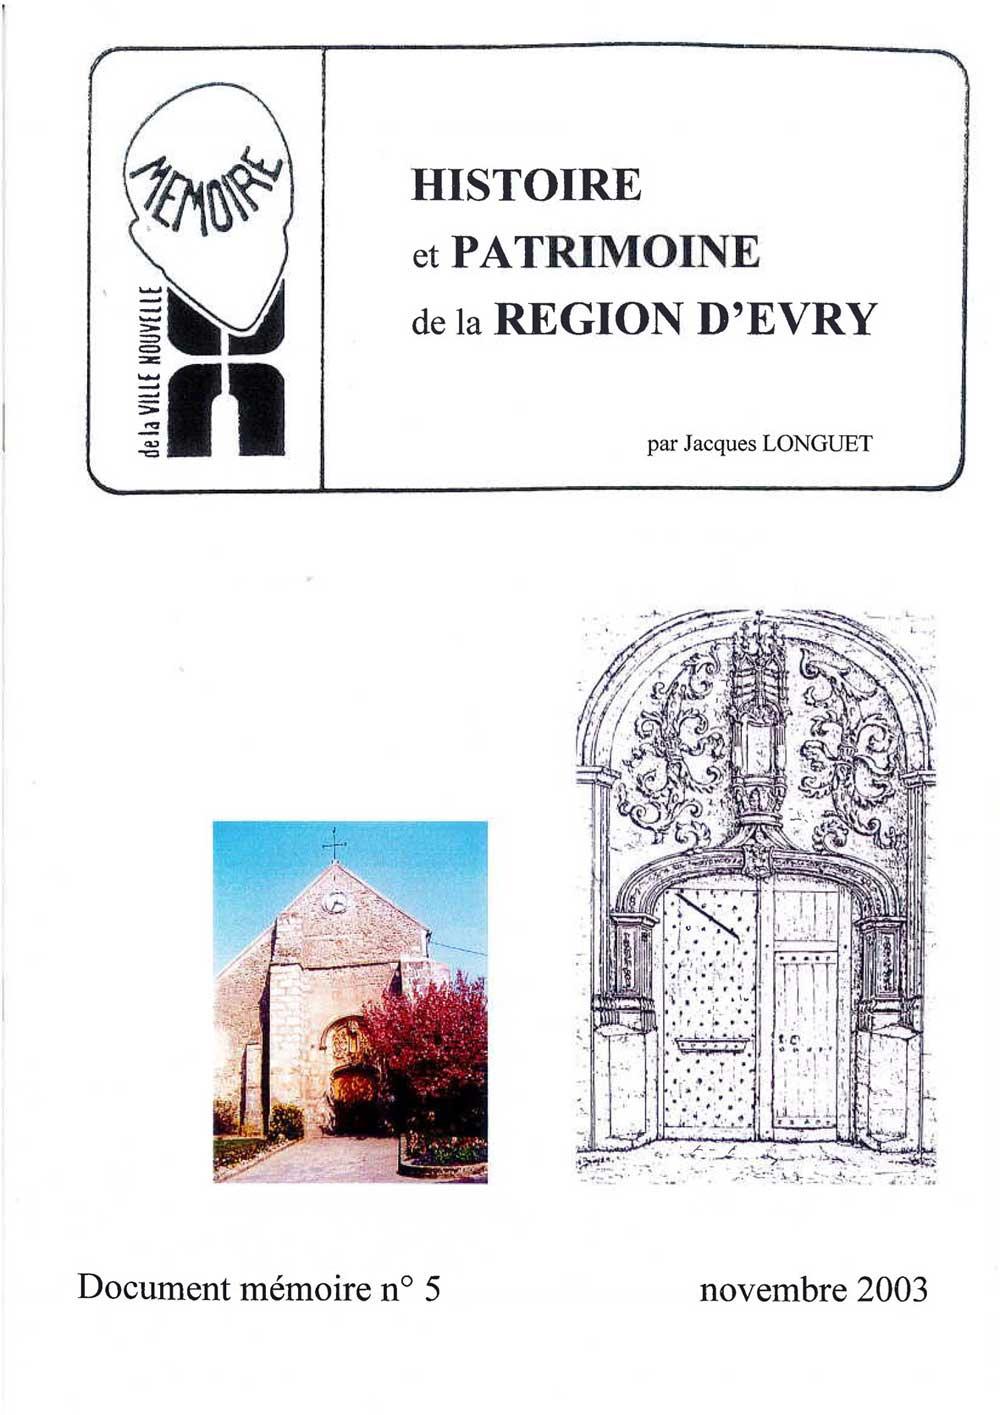 Document mémoire n°5 (2003)